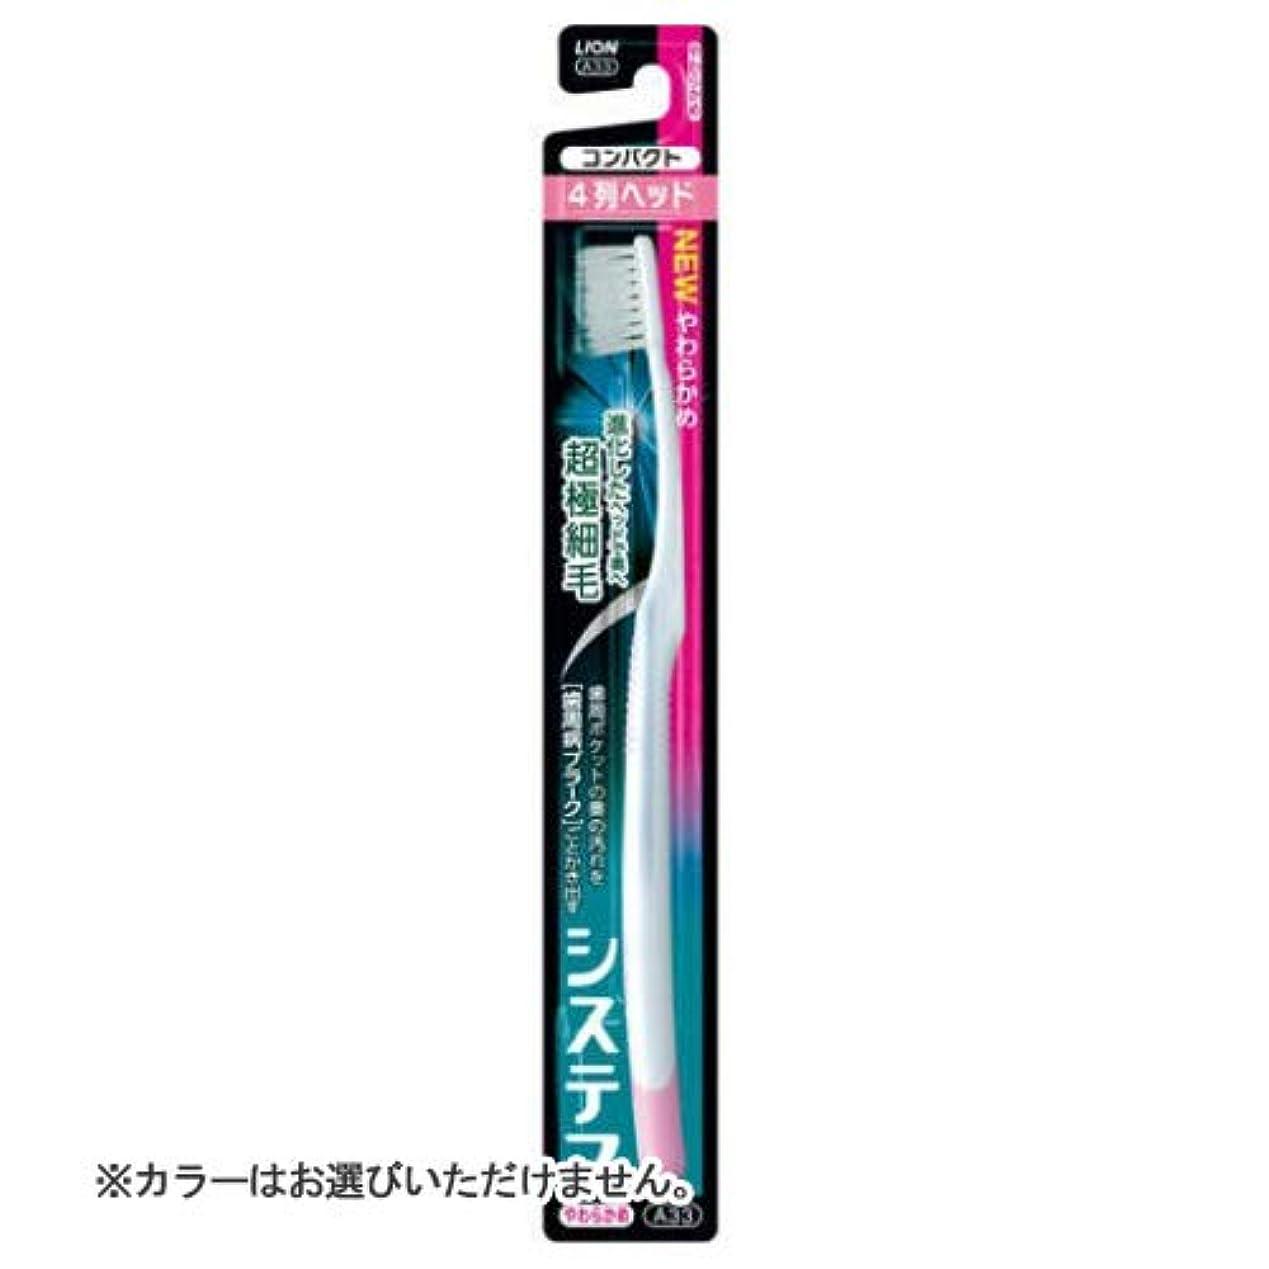 無一文矢じり説得力のあるライオン システマ ハブラシ コンパクト4列 やわらかめ (1本) 大人用 歯ブラシ